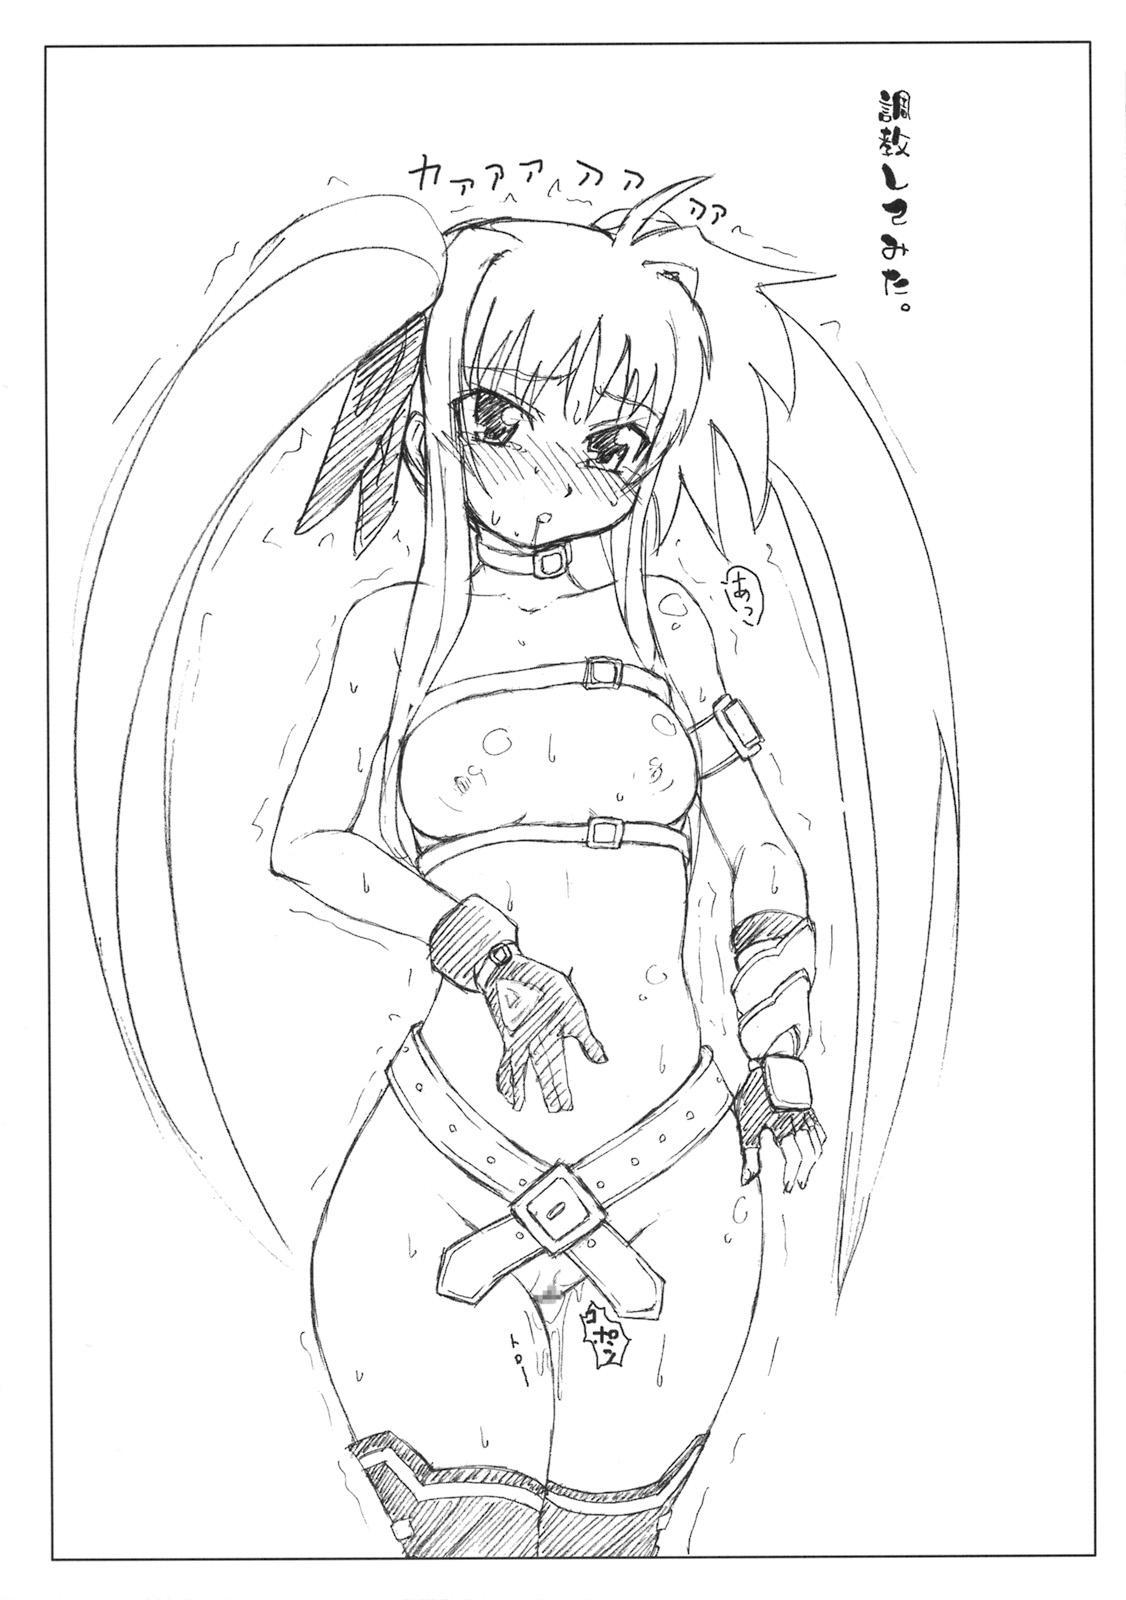 Gekkan Fate. GX 20